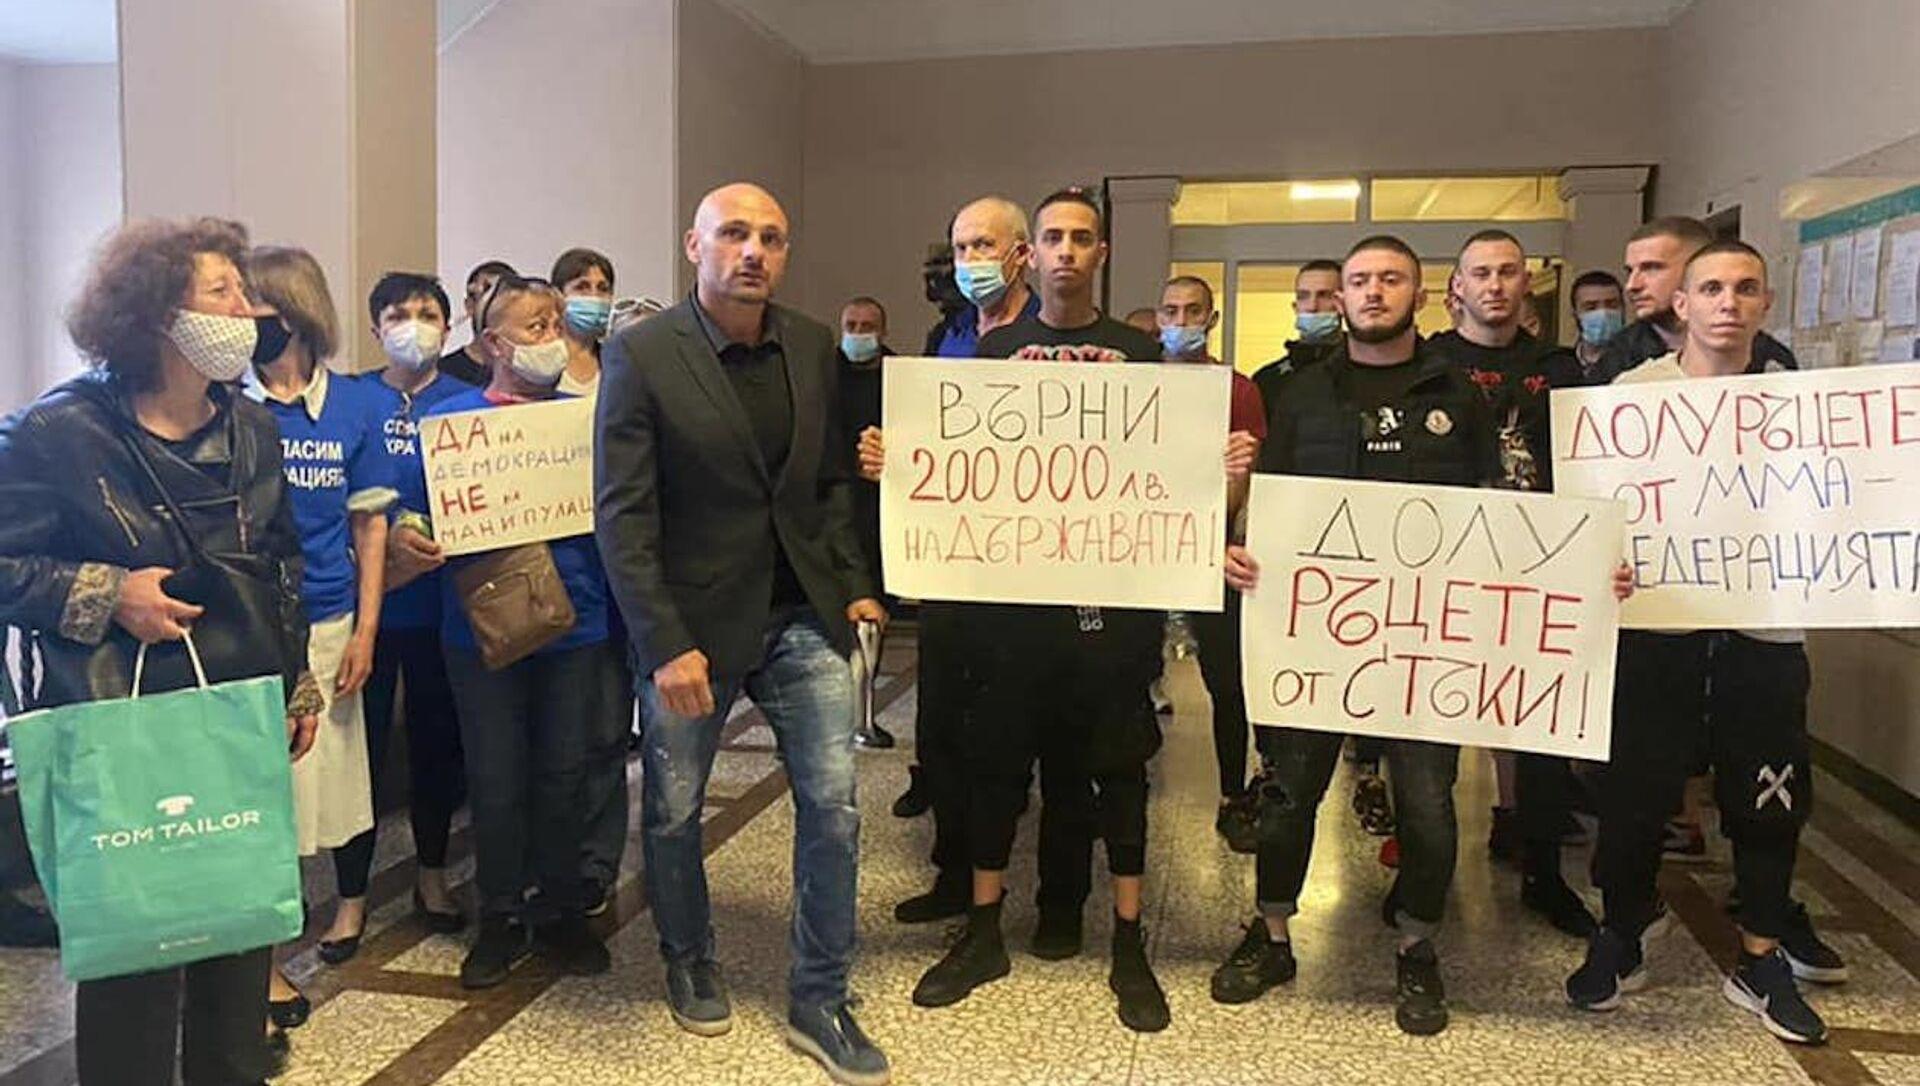 Zawodnicy MMA wraz z prezesem Bułgarskiej Federacji Stanisławem Nedkowem protestują przeciwko najnowszym oskarżeniom Ministerstwa o brak przejrzystości przydziału środków dla Federacji - Sputnik Polska, 1920, 22.06.2021